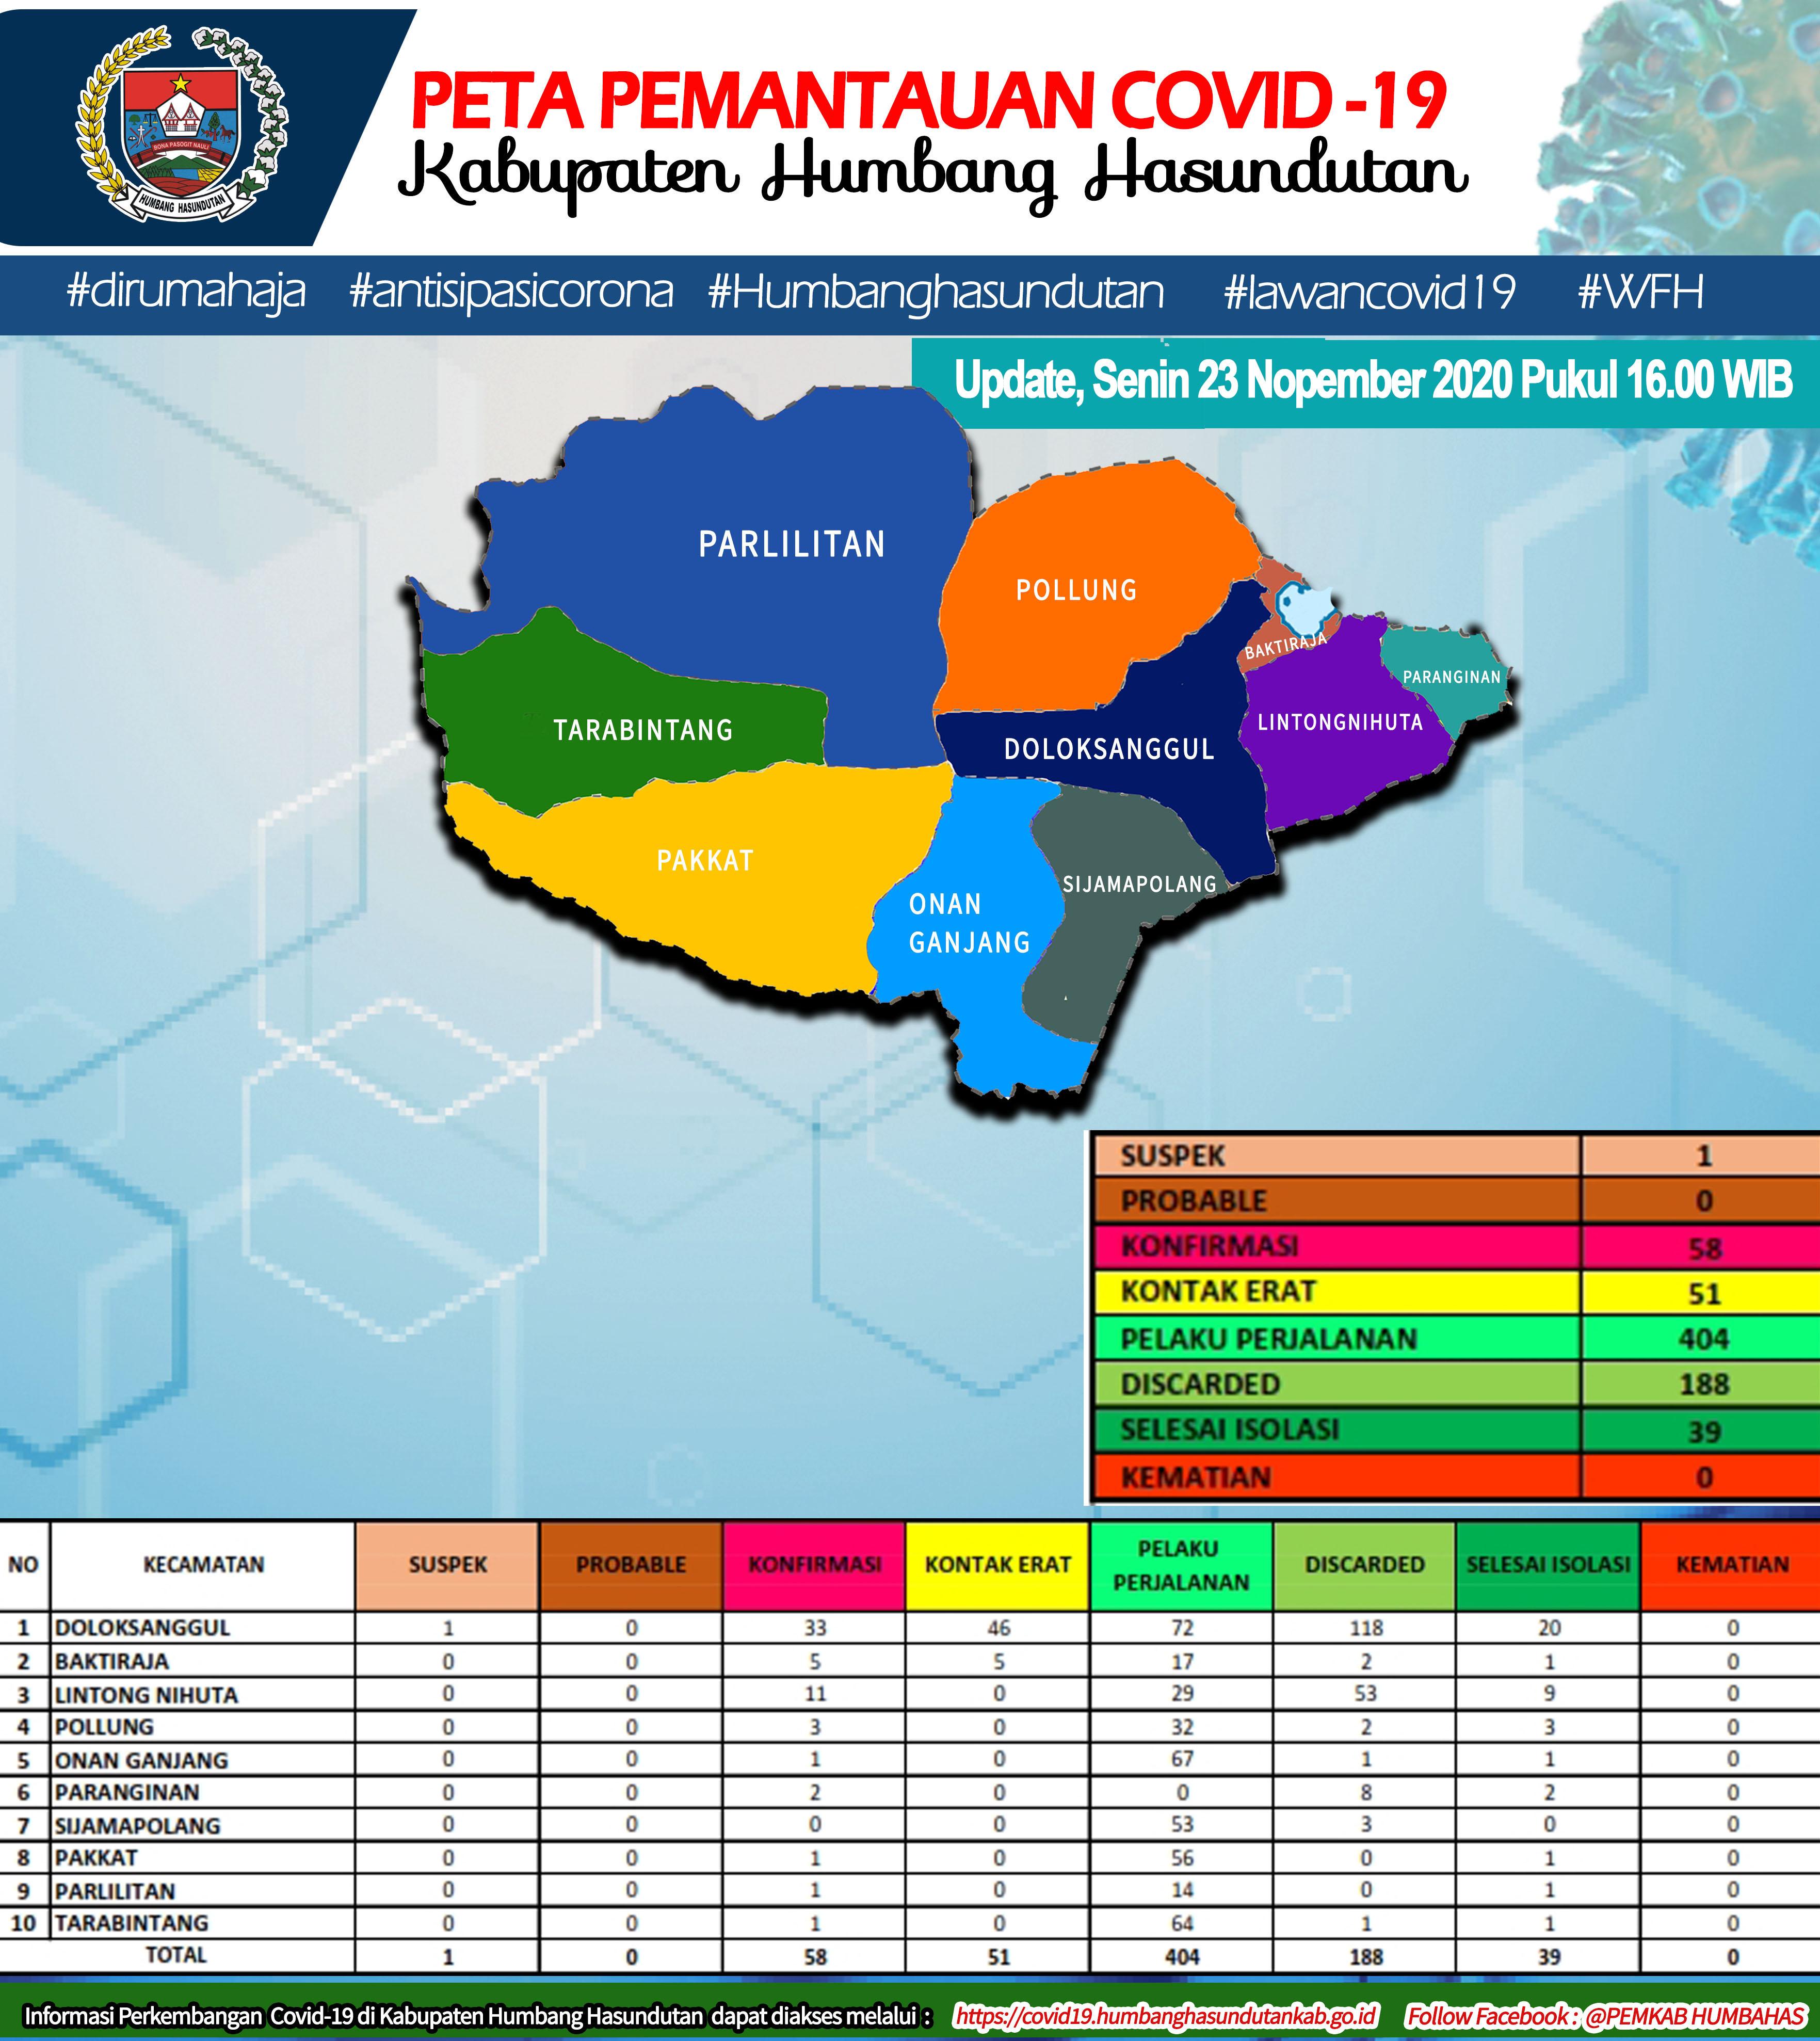 Peta Pemantauan Covid-19 Pemerintah Kabupaten Humbang Hasundutan Tanggal 23 November 2020 s/d pukul 16.00 WIB